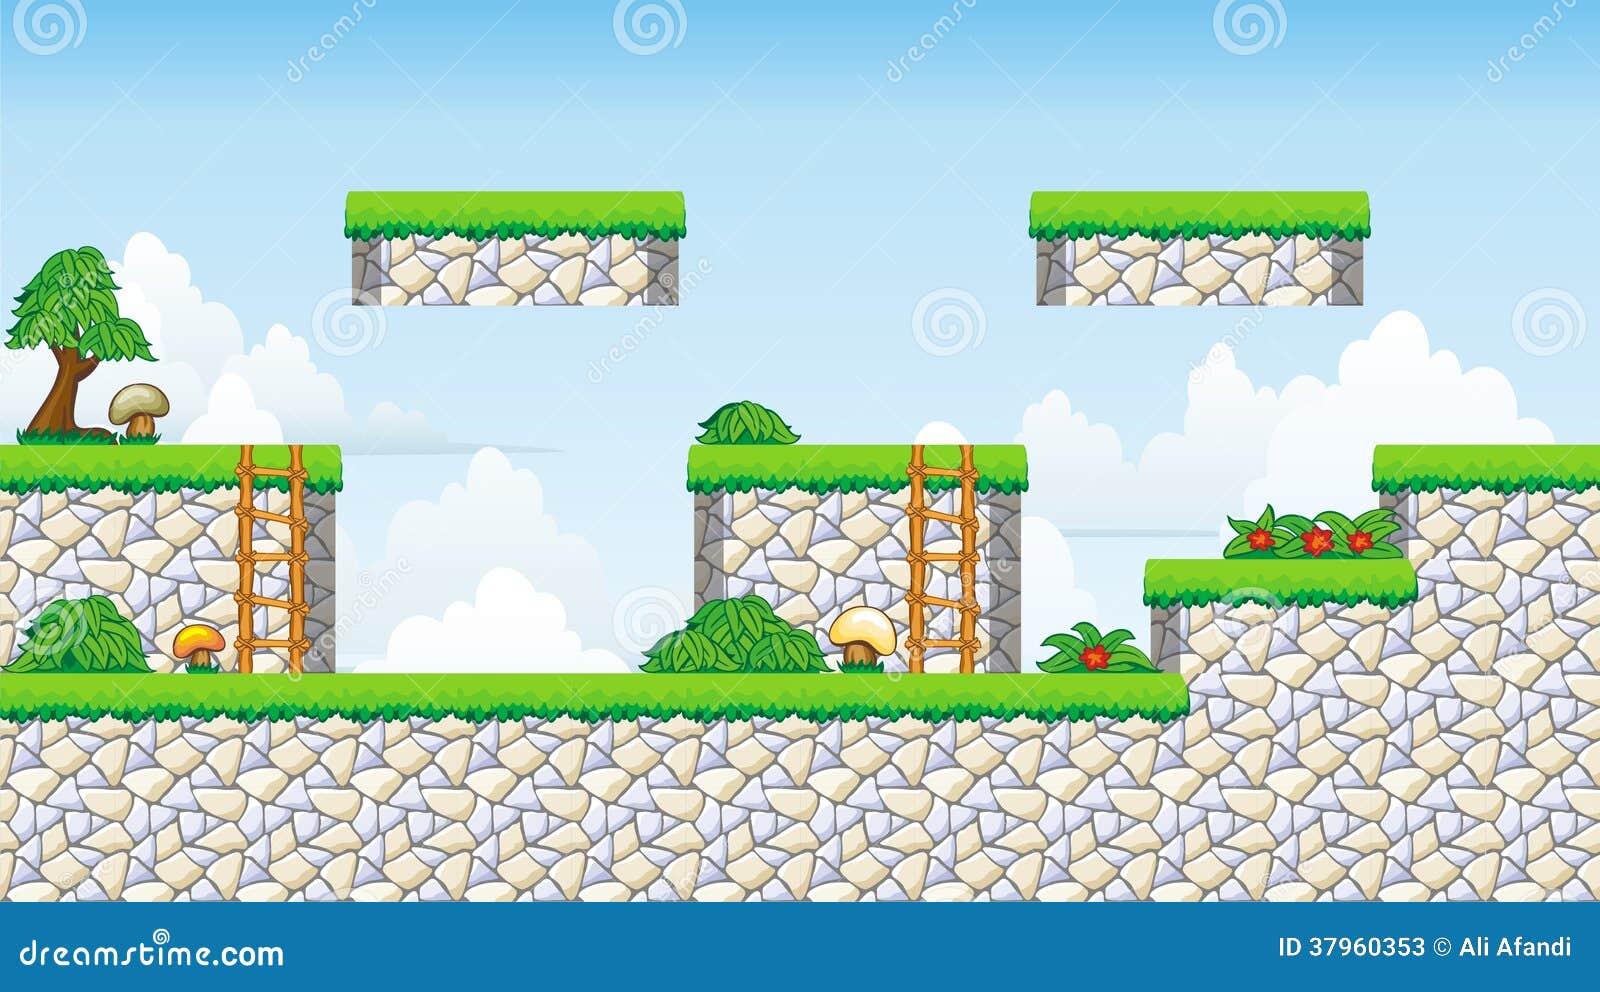 2D Tileset-Platformspel